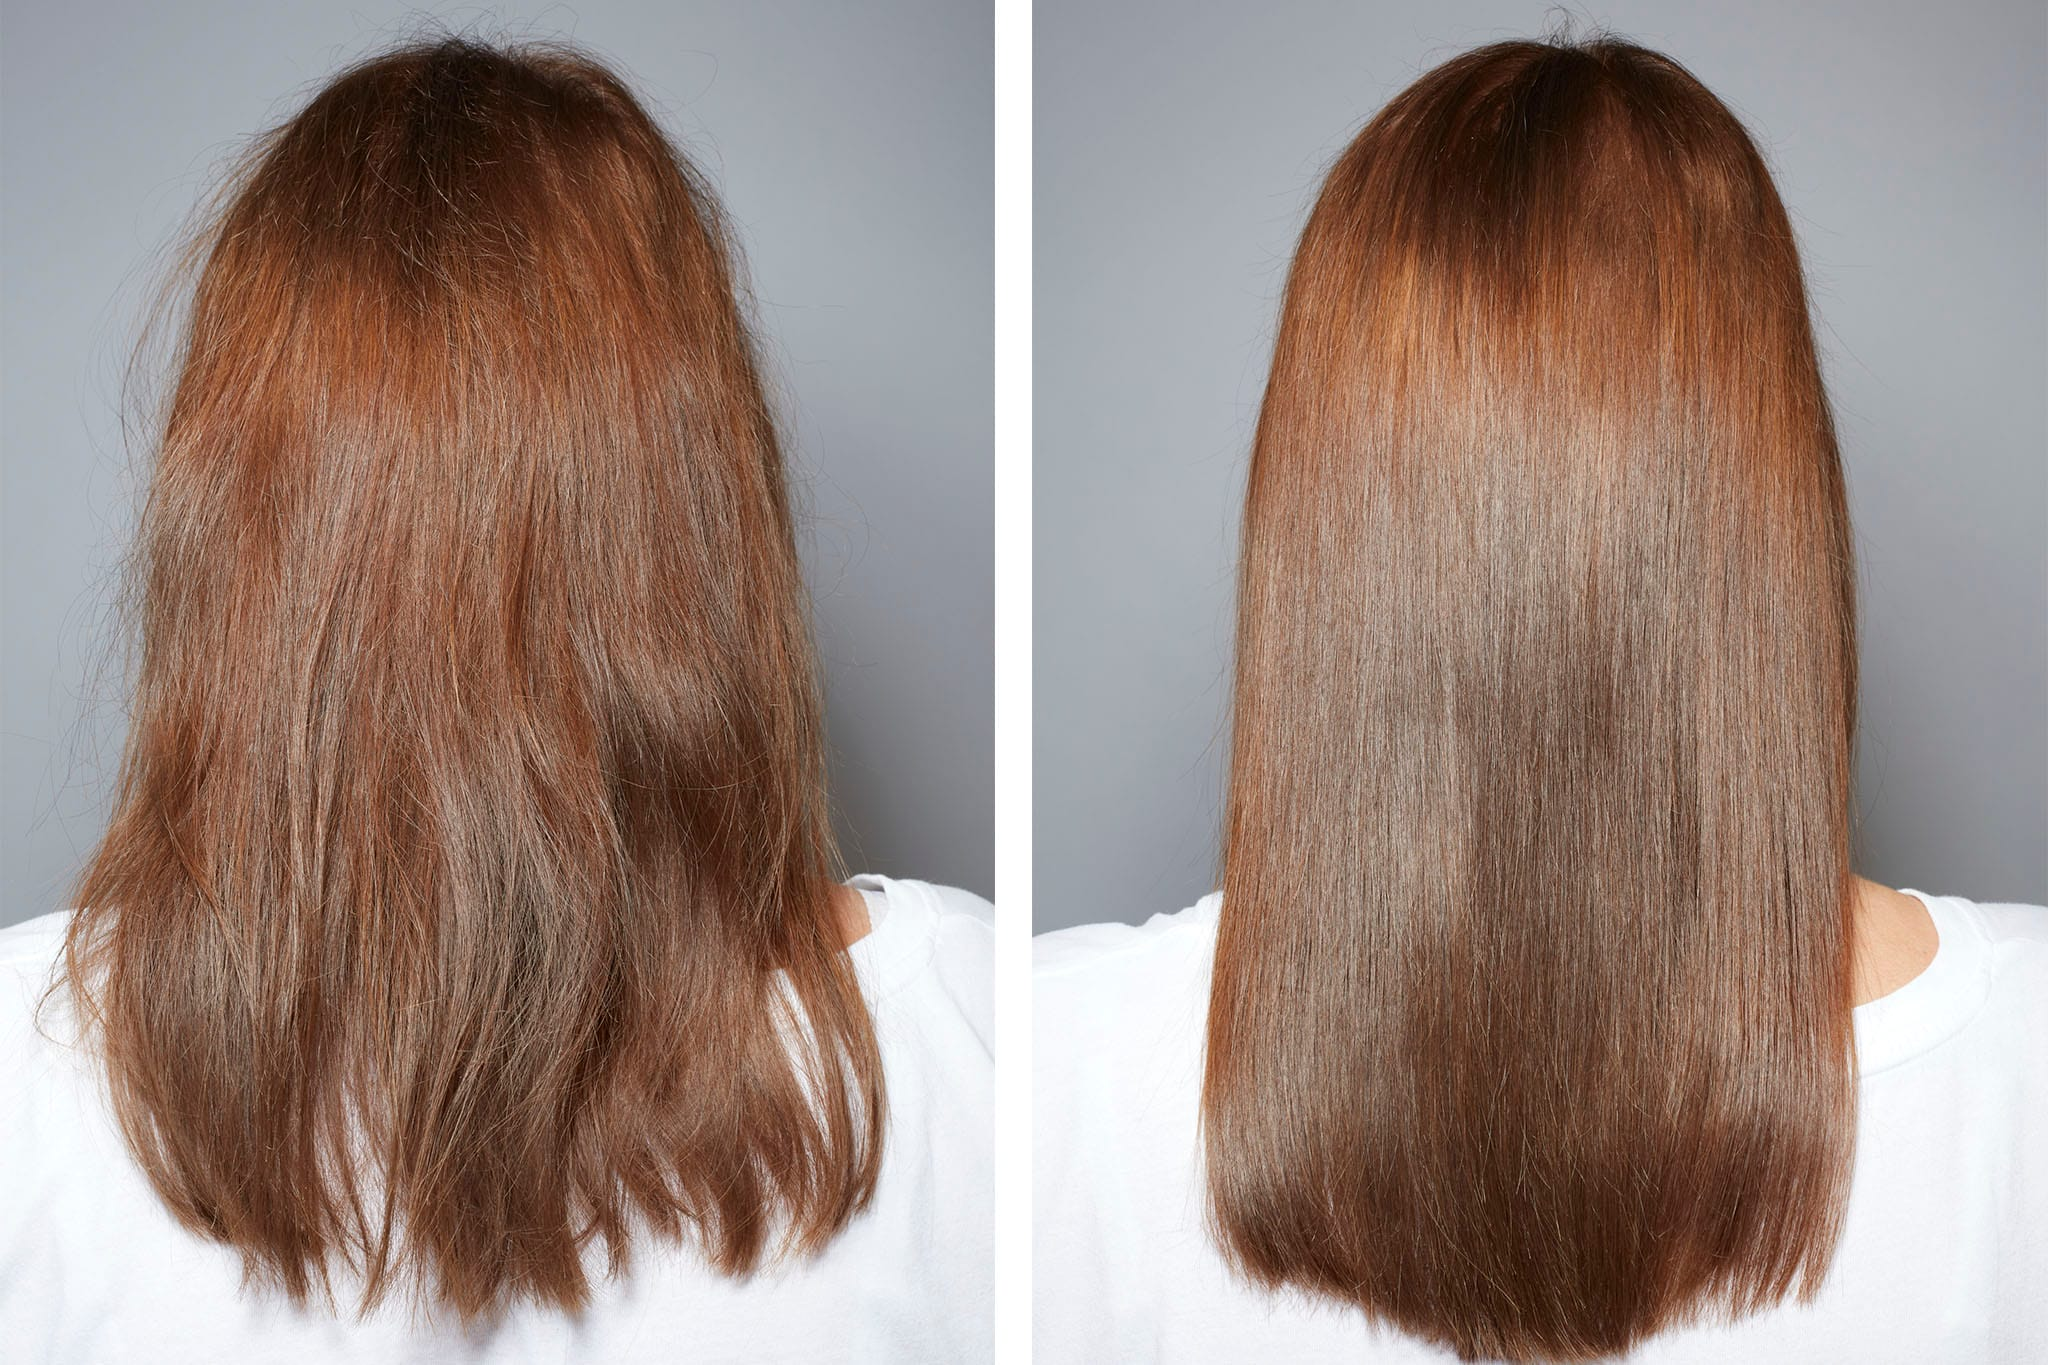 pelo quemado antes y después